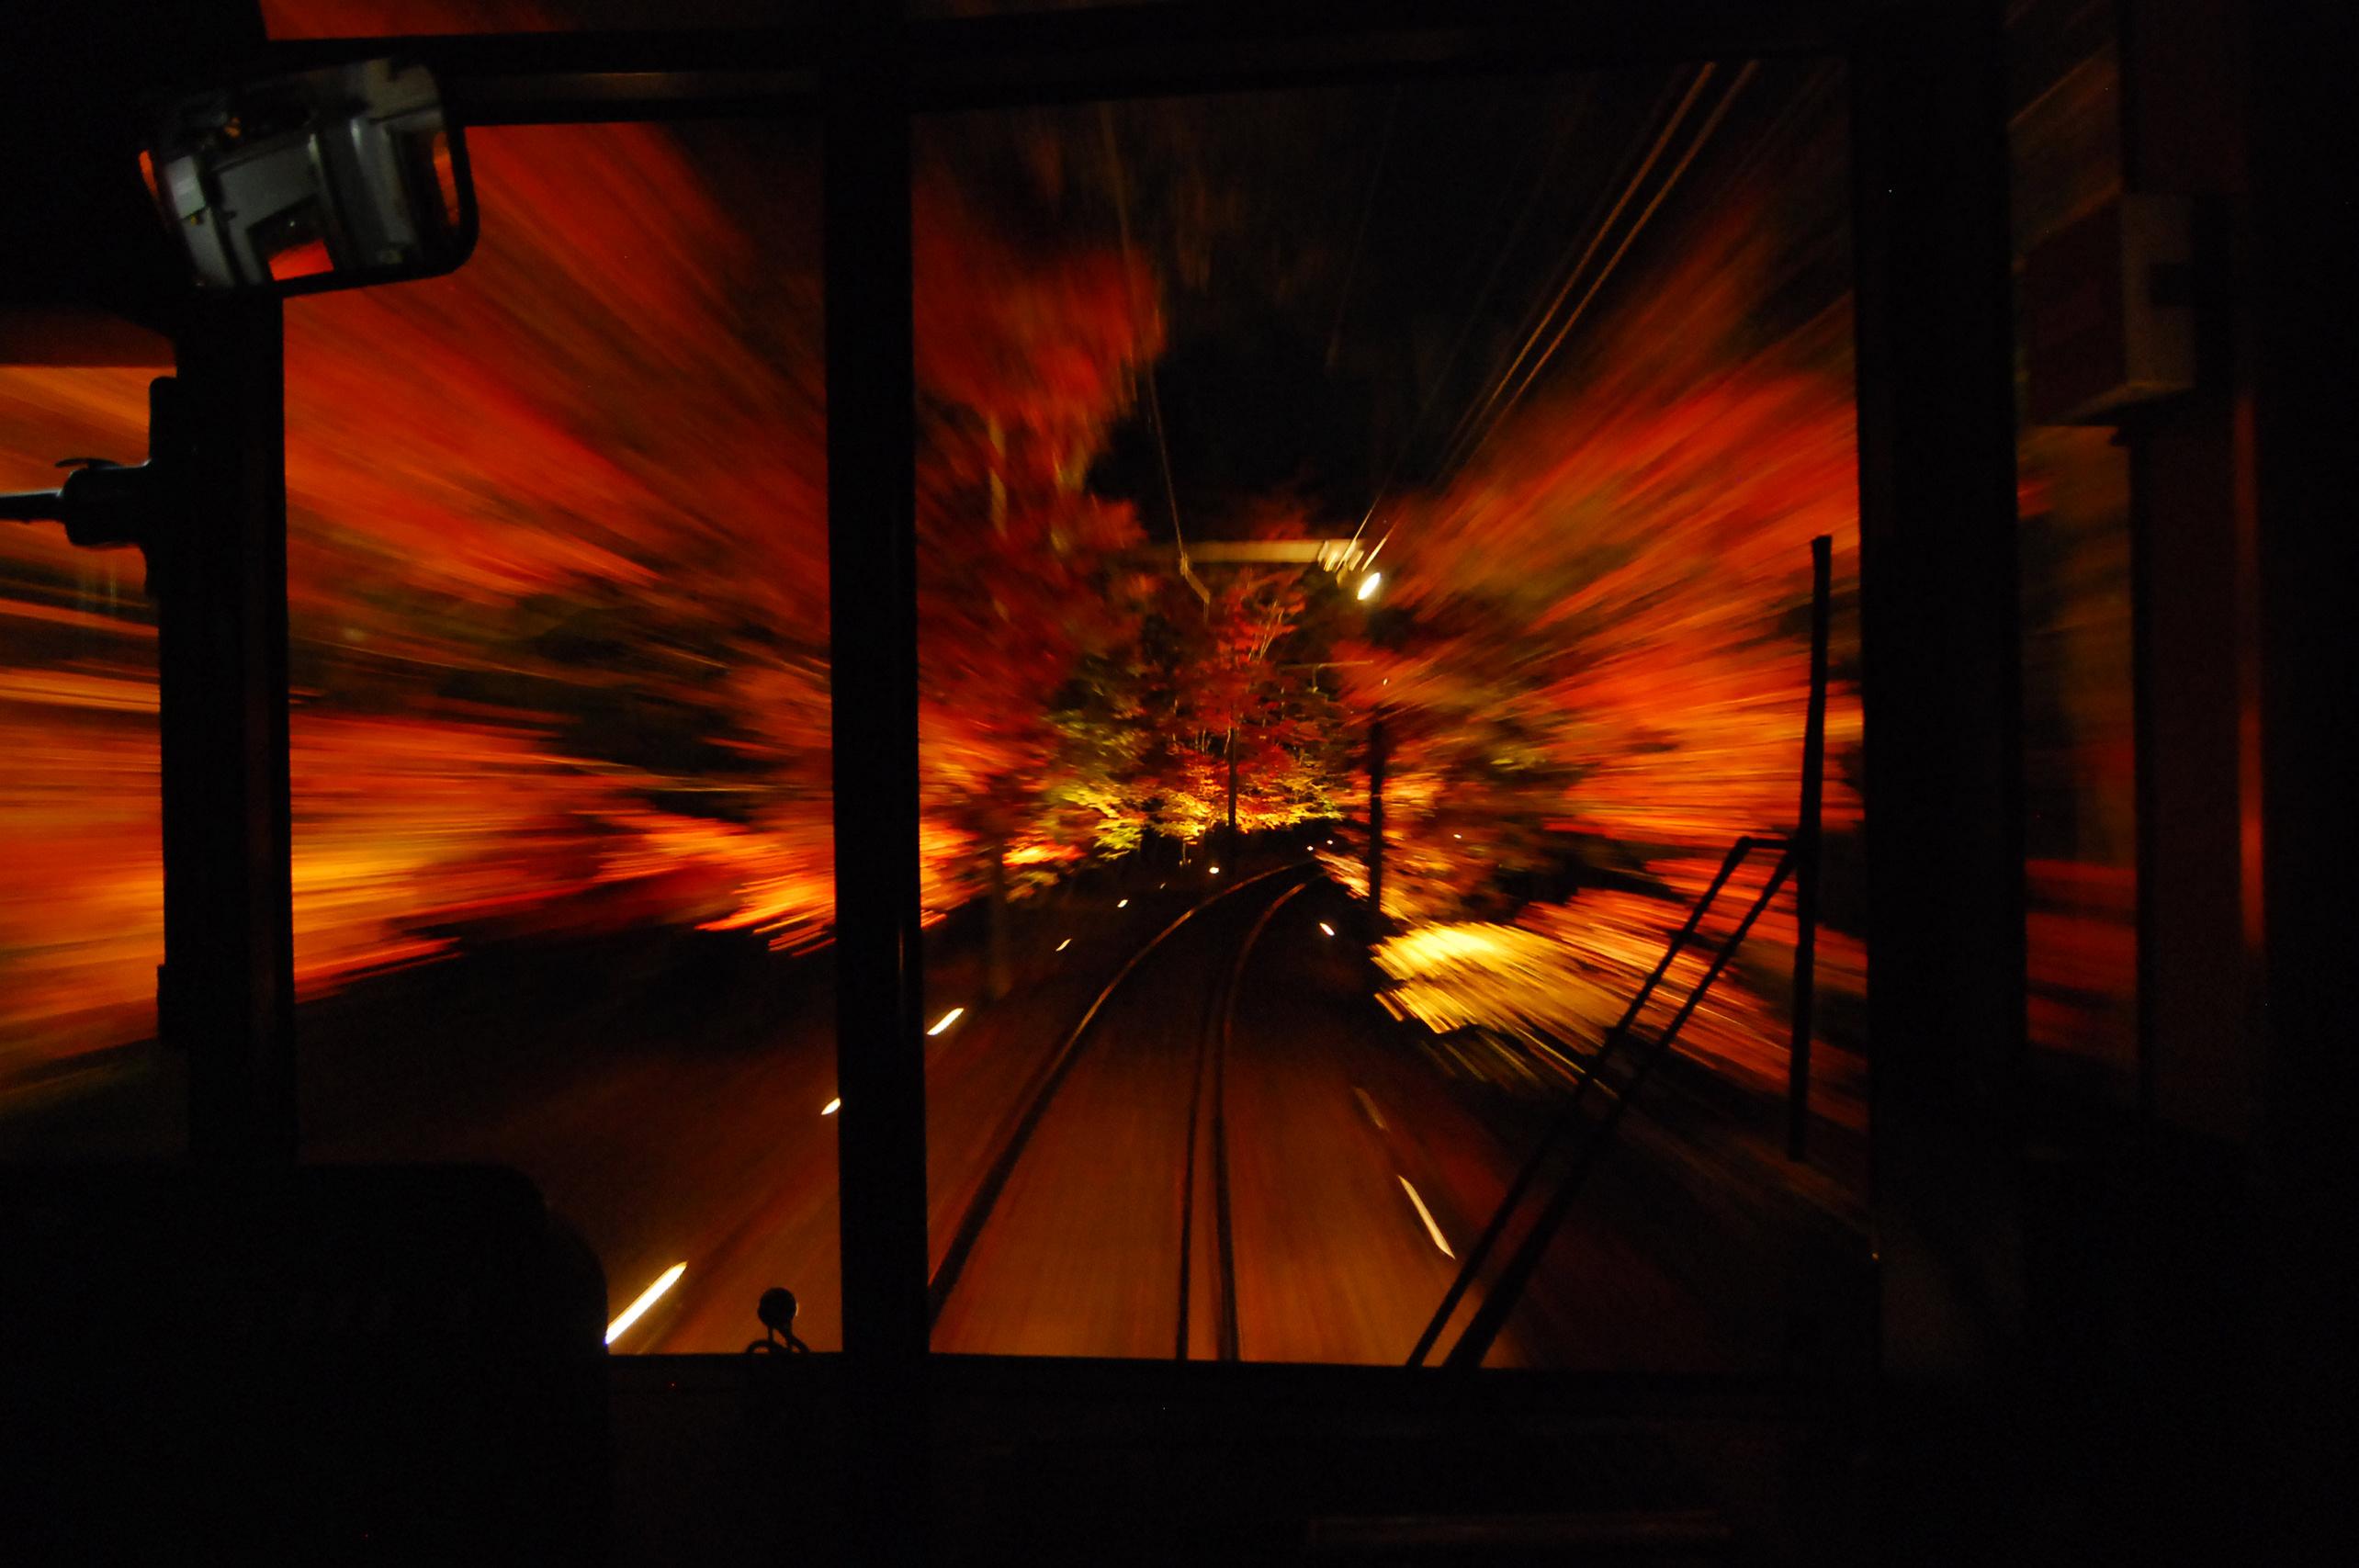 16_真っ黒な線路沿いに真っ赤な紅葉が浮かび上がる